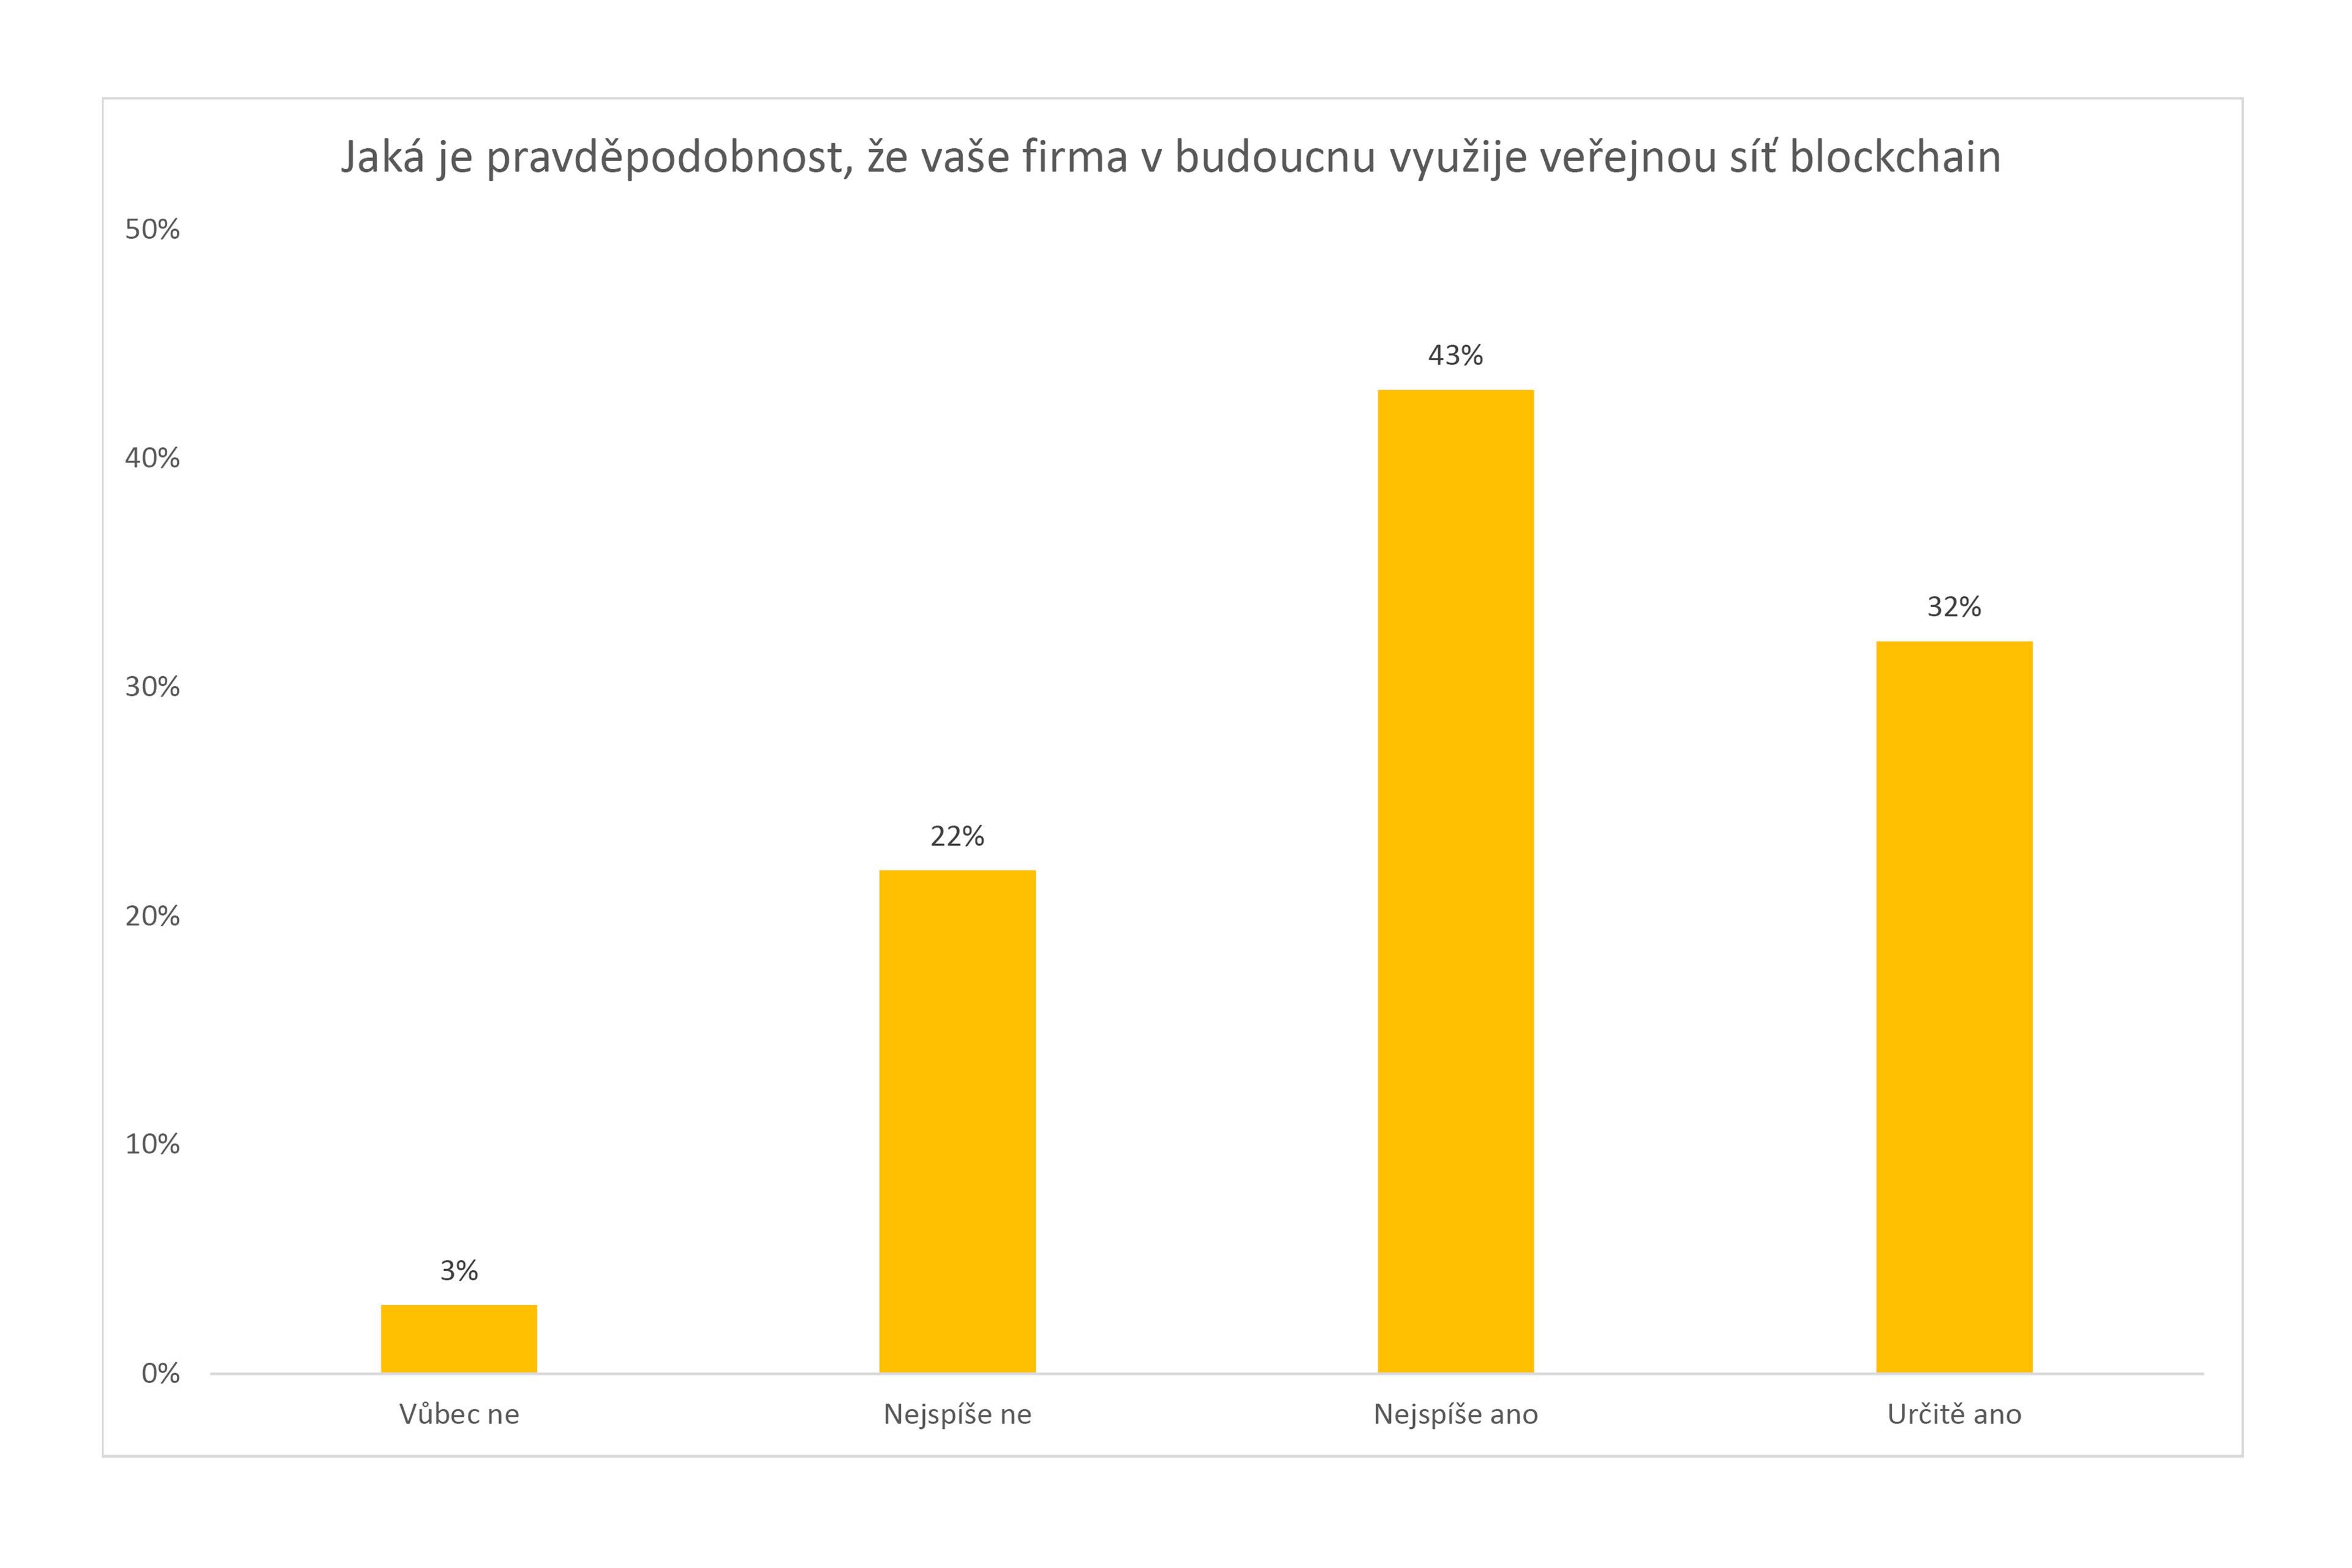 ey-graph1-dle-pruzkumu-ey-se-v-souvislosti-s-obchodovanim-na-blockchainu-kazdy-druhy-manaz